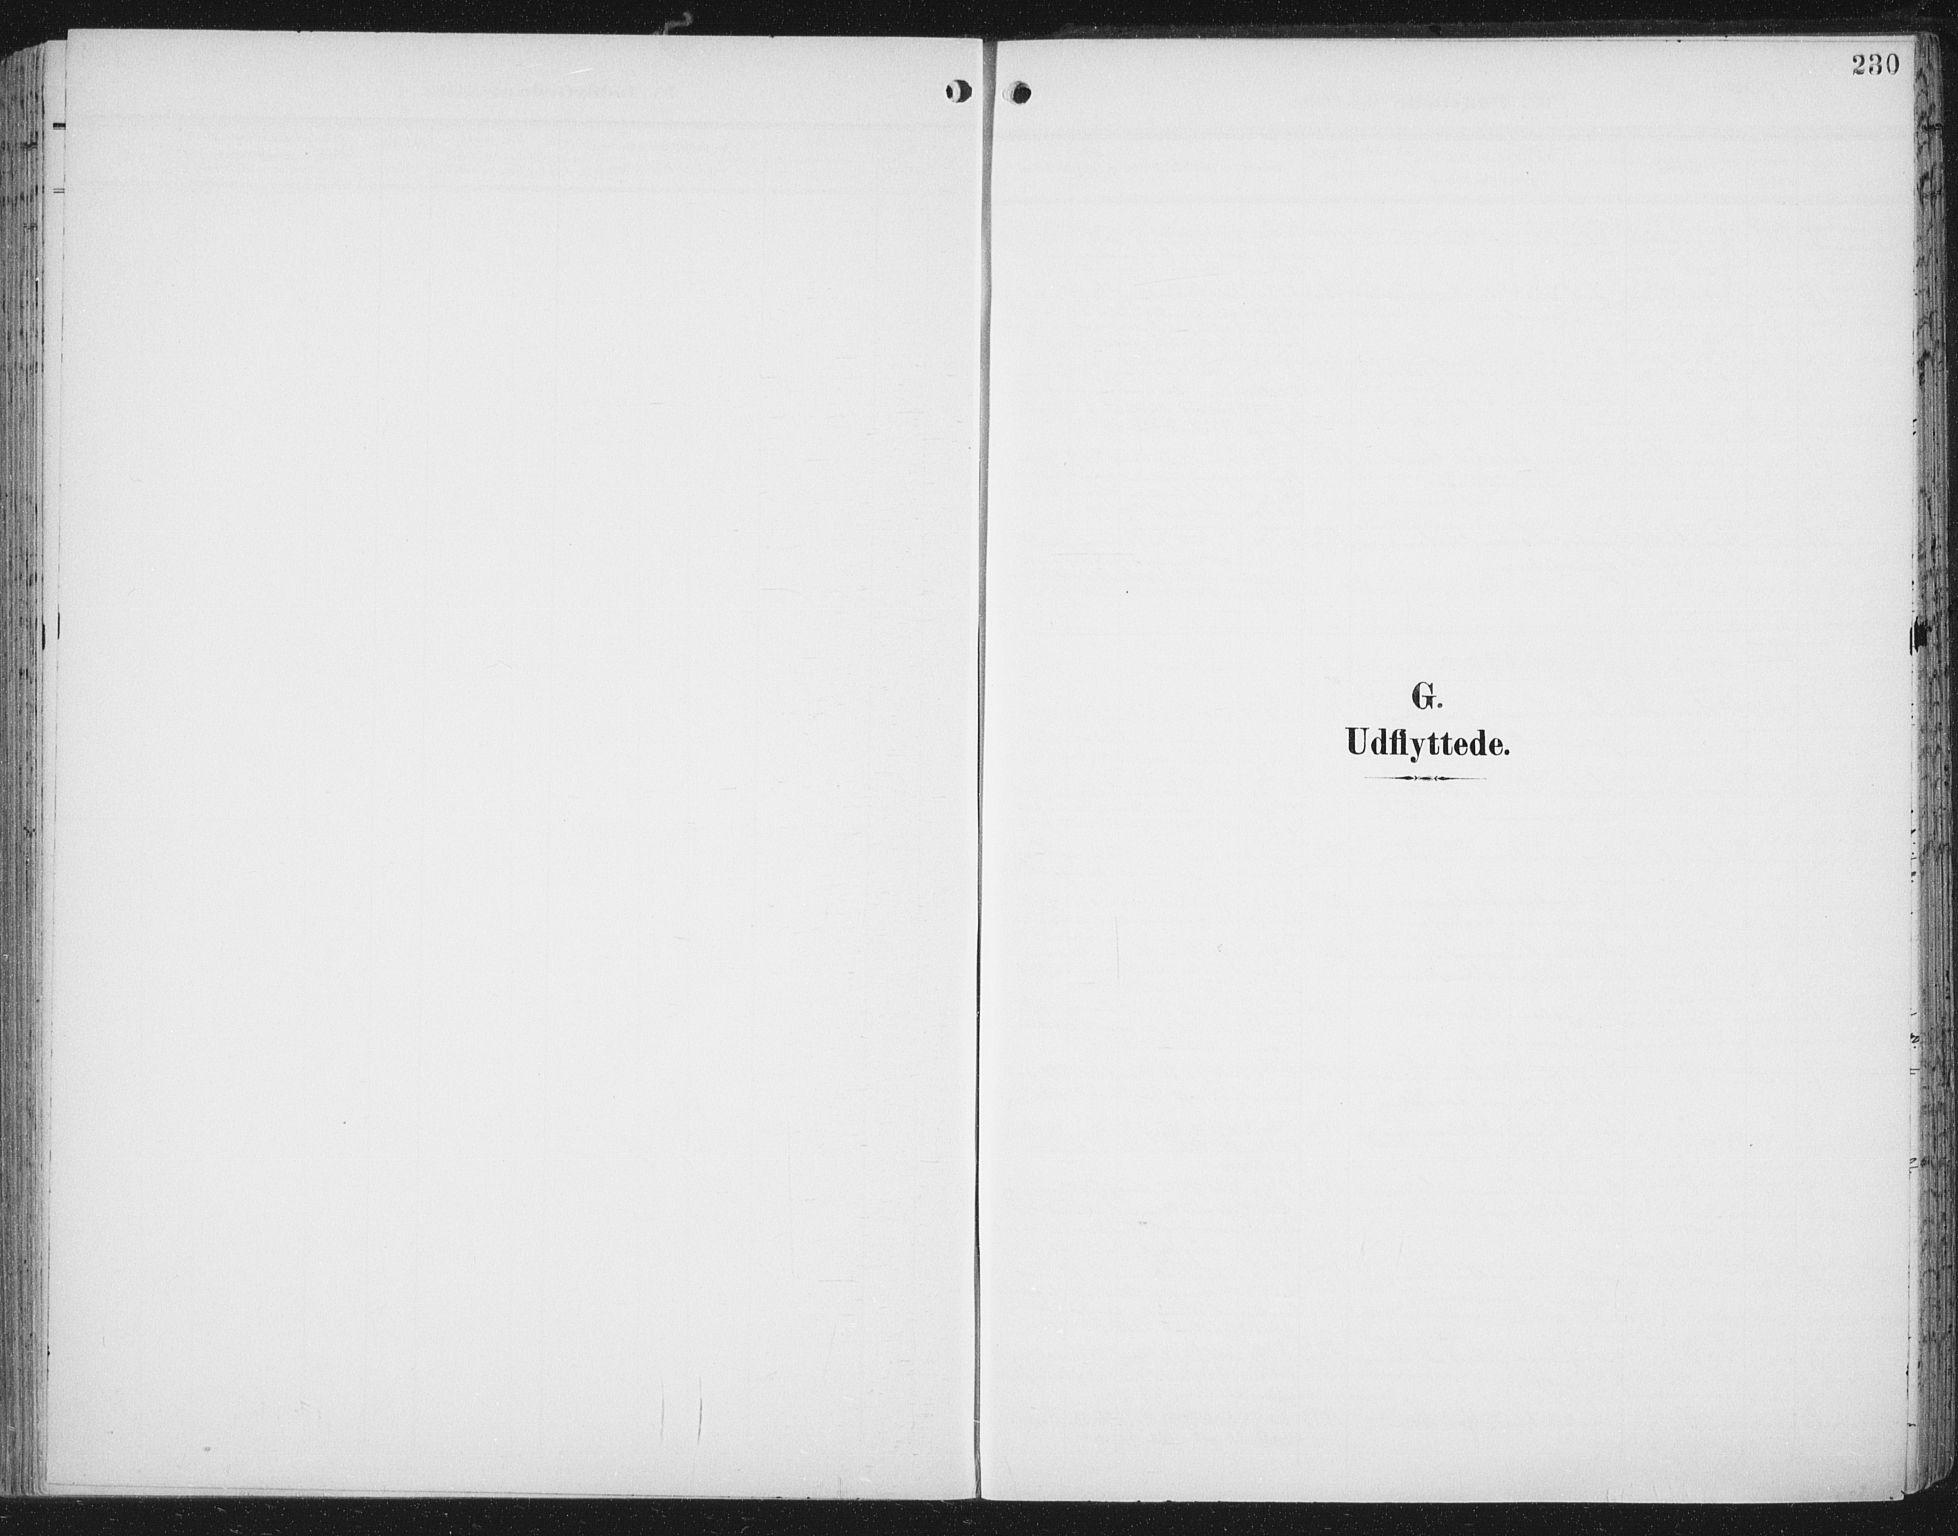 SAT, Ministerialprotokoller, klokkerbøker og fødselsregistre - Nord-Trøndelag, 701/L0011: Ministerialbok nr. 701A11, 1899-1915, s. 230